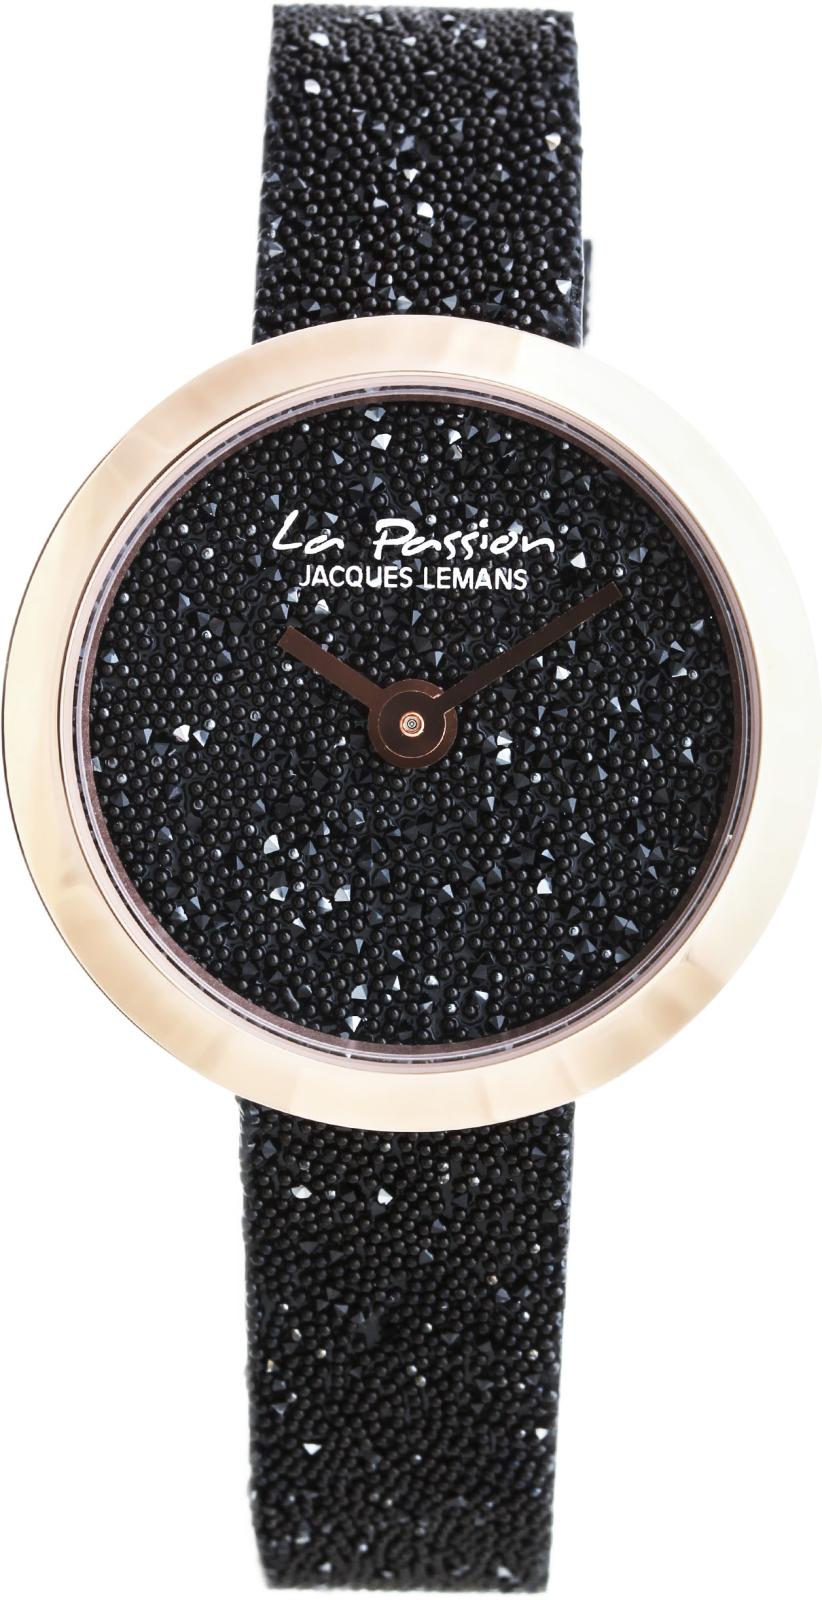 Jacques Lemans La Passion LP-124EНаручные часы<br>Австрийские часы Jacques Lemans La Passion LP-124E<br><br>Пол: Женские<br>Страна-производитель: Австрия<br>Механизм: Кварцевый<br>Материал корпуса: Сталь<br>Материал ремня/браслета: Кожа<br>Водозащита, диапазон: None<br>Стекло: Минеральное<br>Толщина корпуса: None<br>Стиль: None